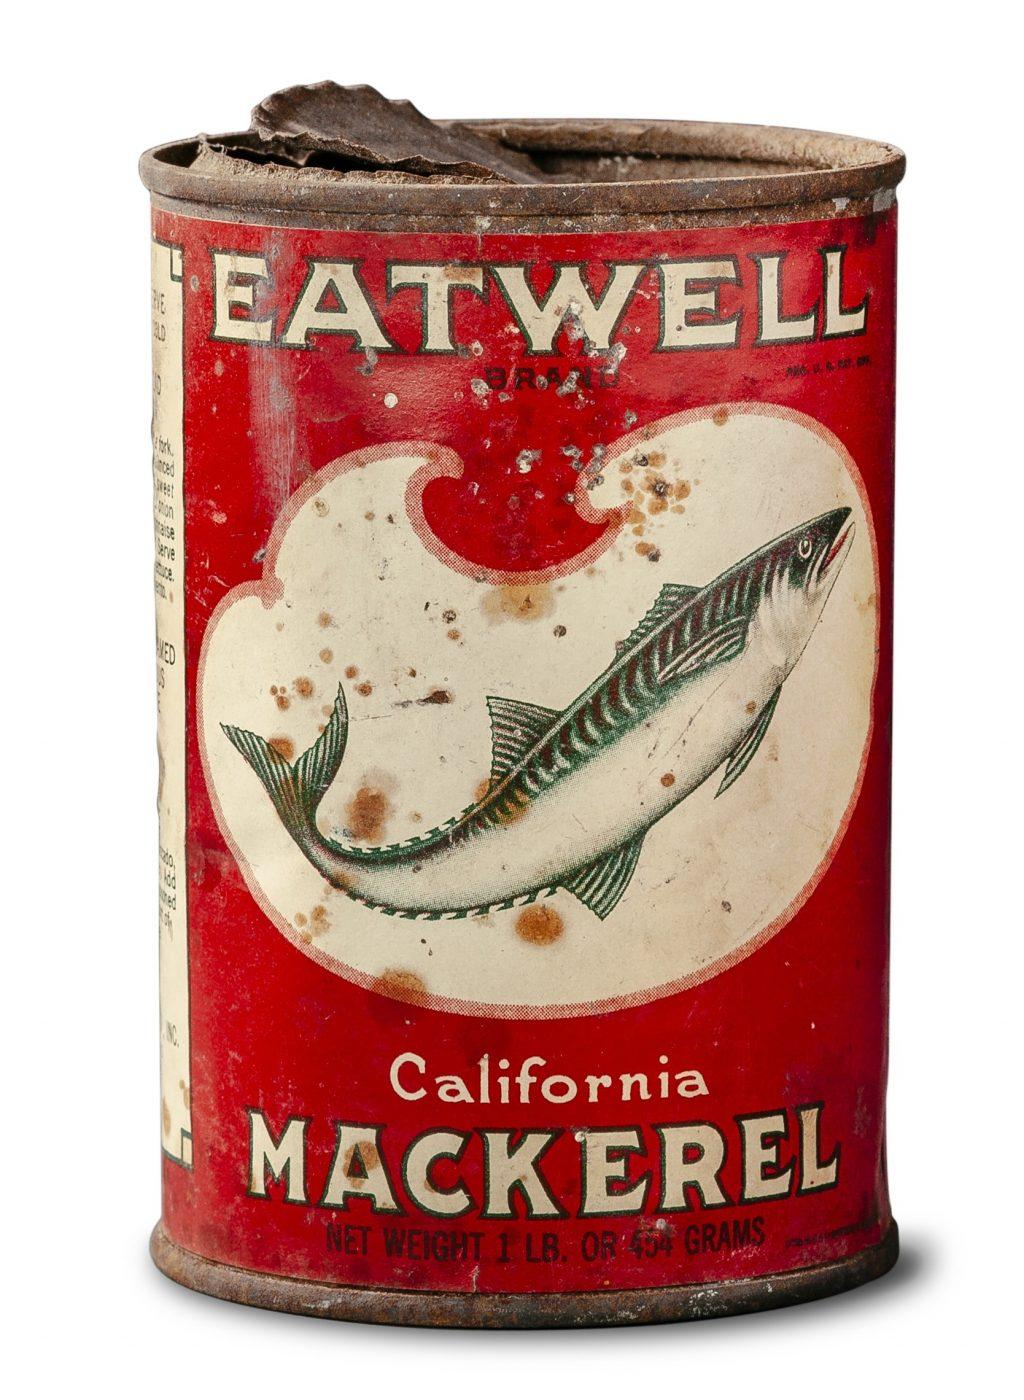 ツナ缶「イートウェル・カリフォルニア・マカレル」太地町歴史資料室蔵